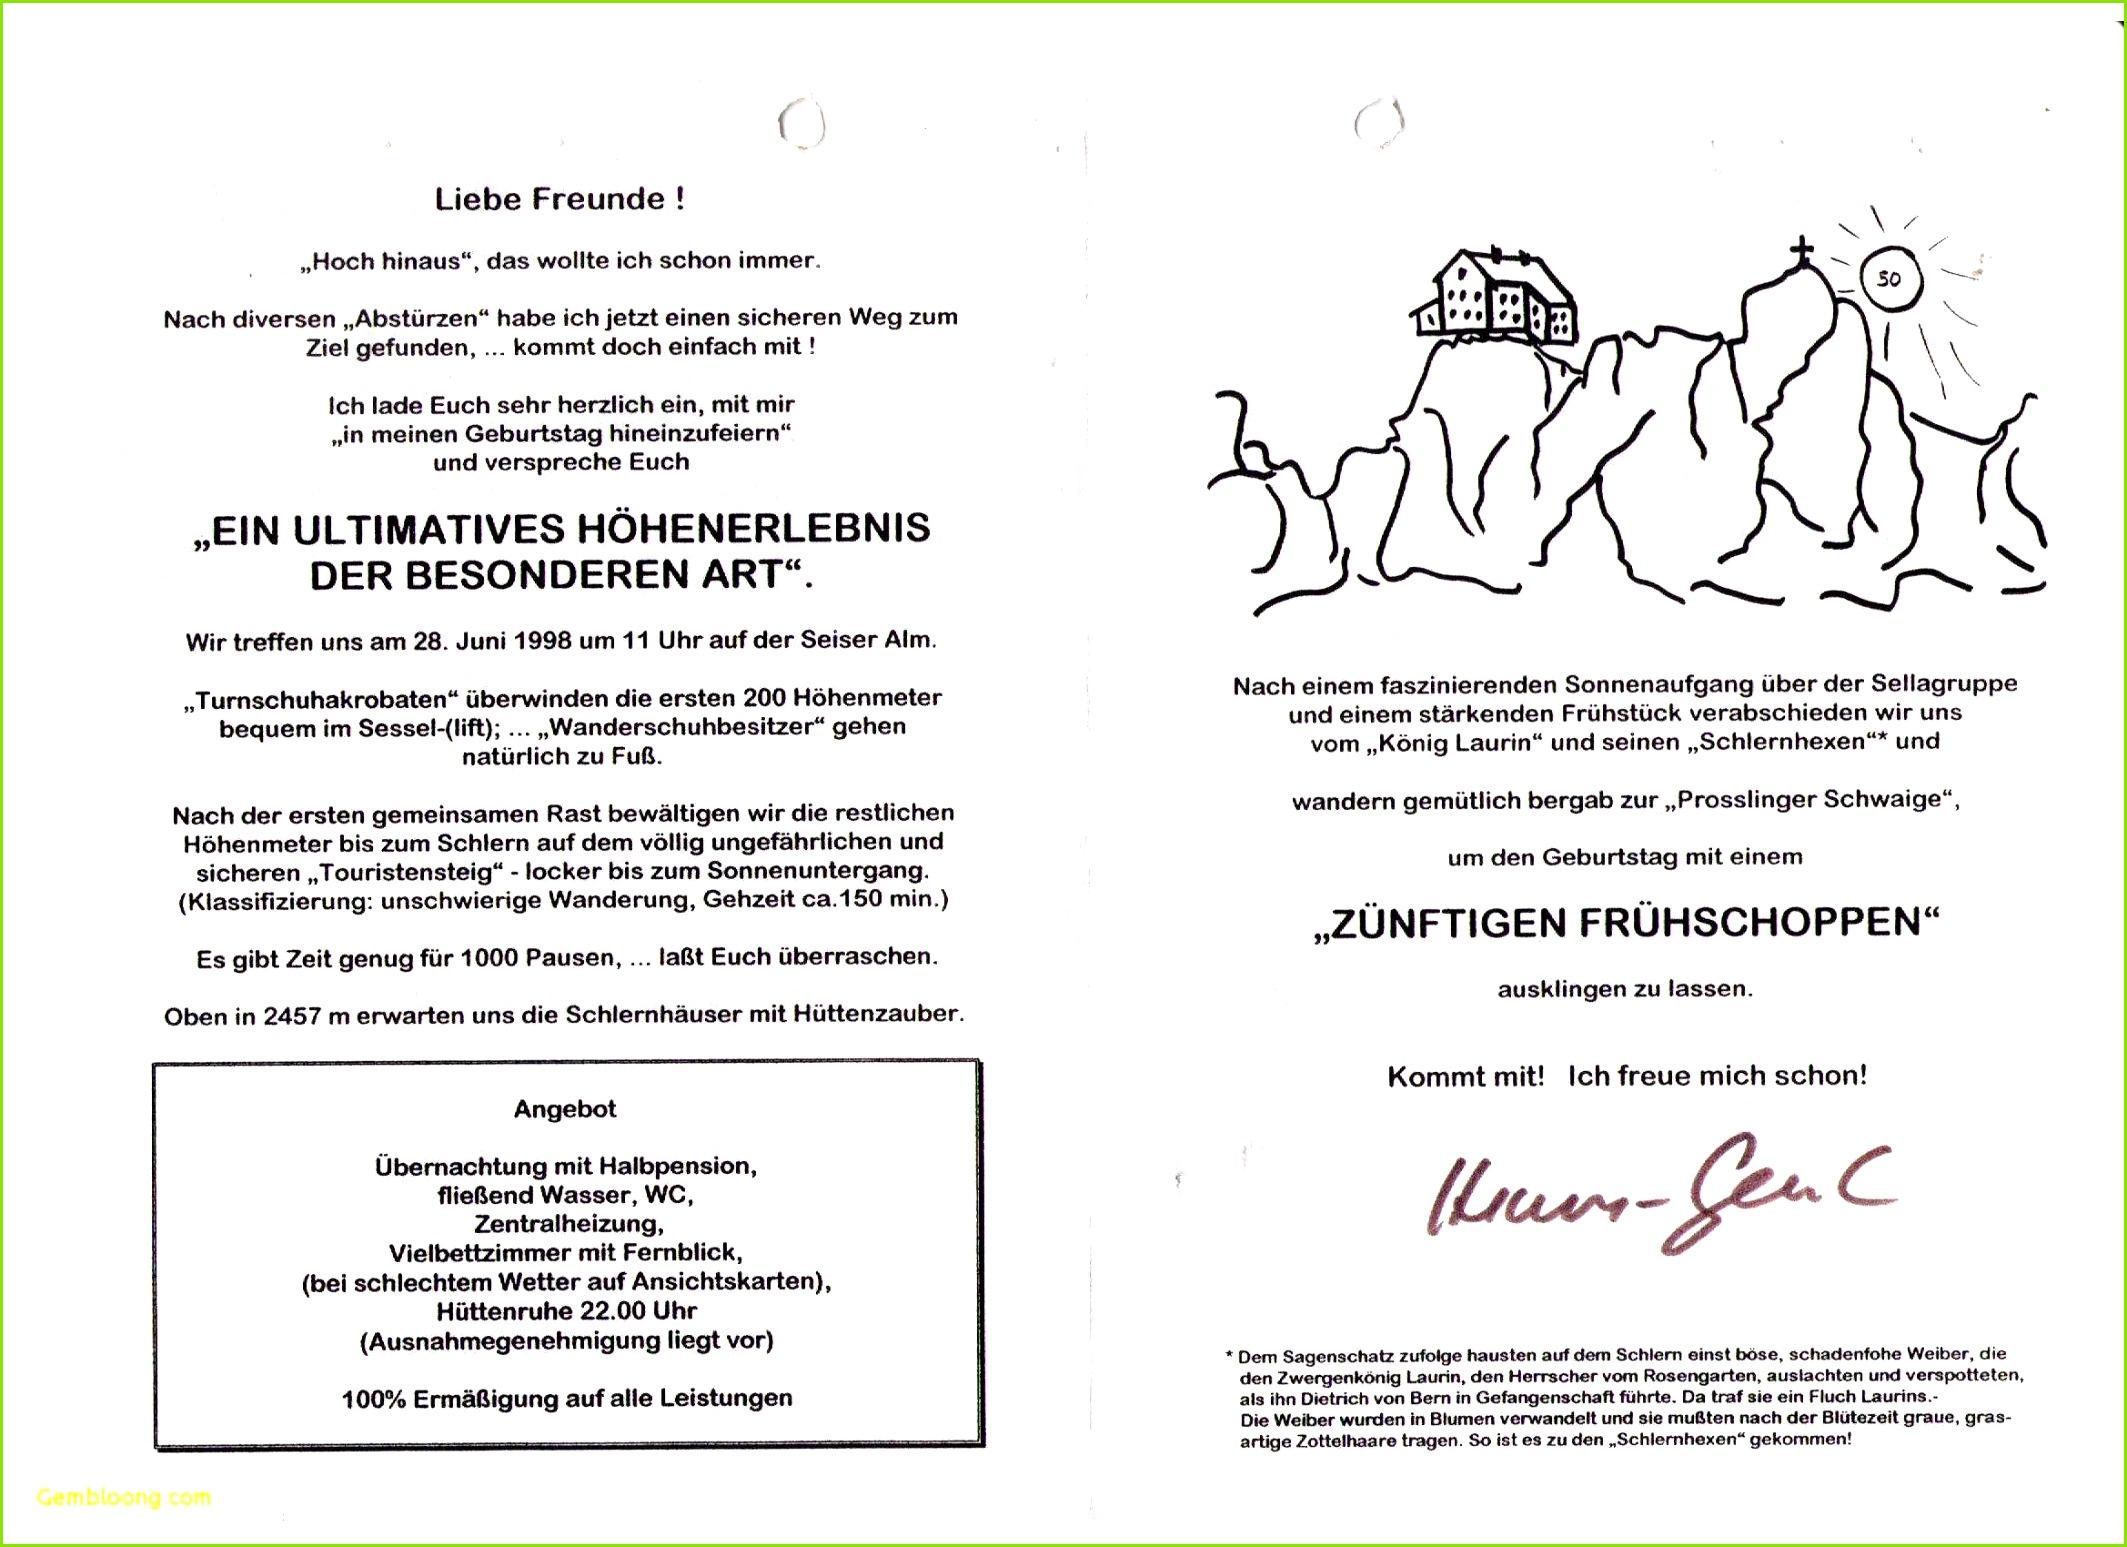 0d 59 82 Kindergeburtstag Einladung Blume Einladungskarten Blumen Sammlungen Einladungskarten Holz Vorlagen fon hochzeitseinladung blumen